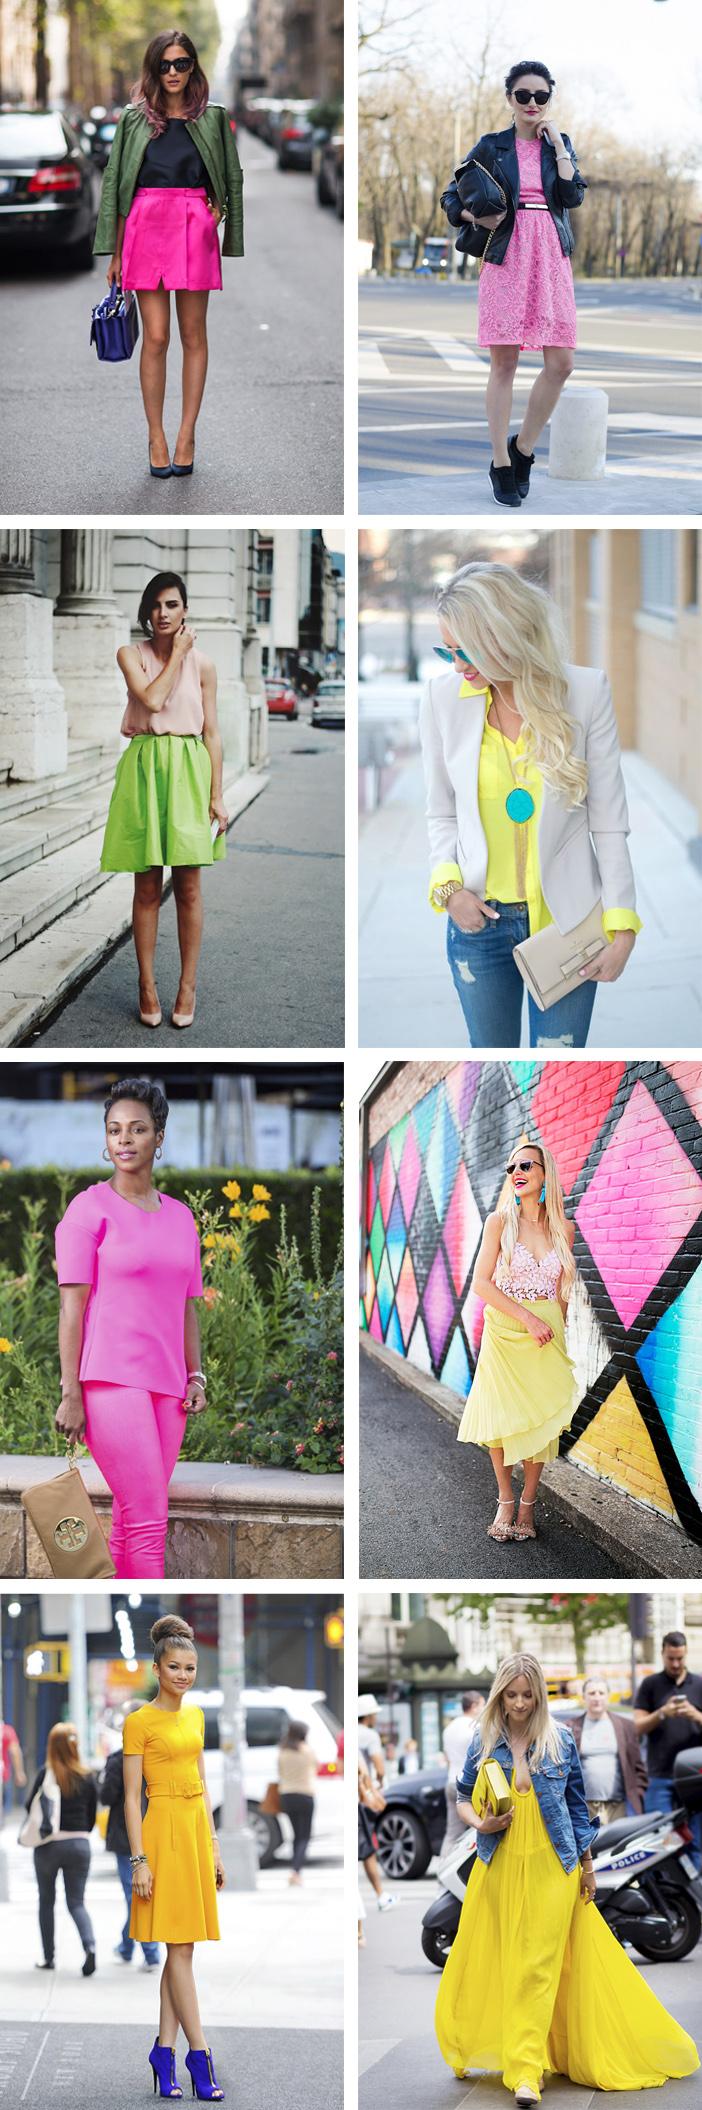 Tendência verão 2019 cores vibrantes